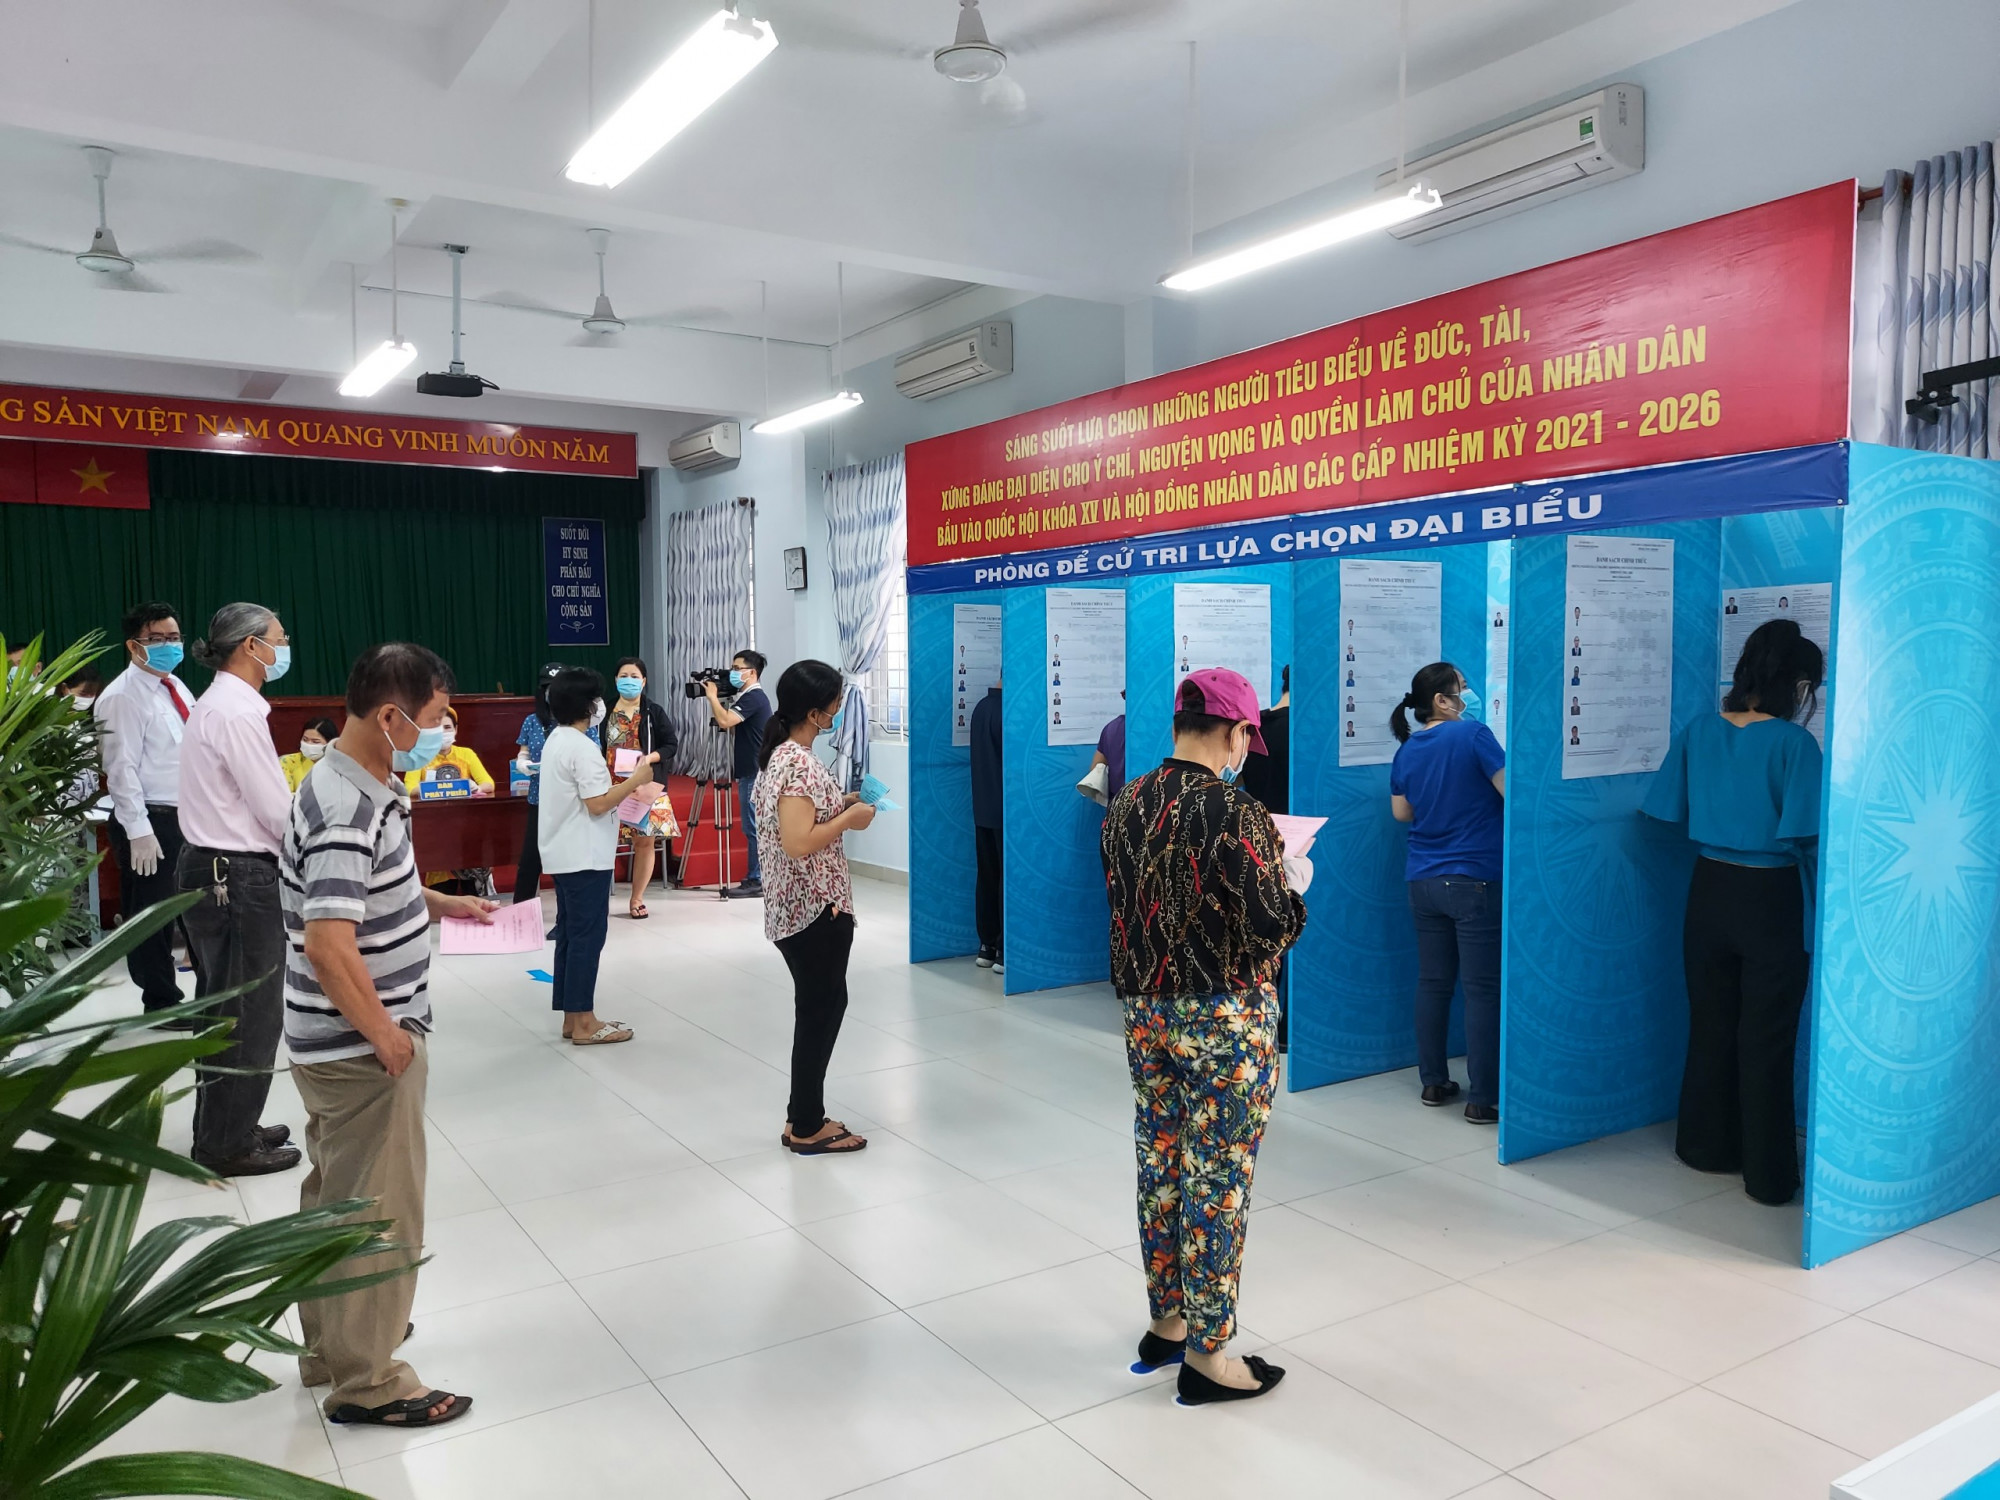 Cuộc bầu cử đại biểu Quốc hội khóa XV và HĐND các cấp, nhiệm kỳ 2021-2026 diễn ra ngày 23/5. Tại TPHCM, cuộc bầu cử diễn ra thành công tốt đẹp, với Tổng số cử tri đi bỏ phiếu: 5.420.976 người; tỉ lệ cử tri tham gia bầu cử tại đạt 99,39 %.